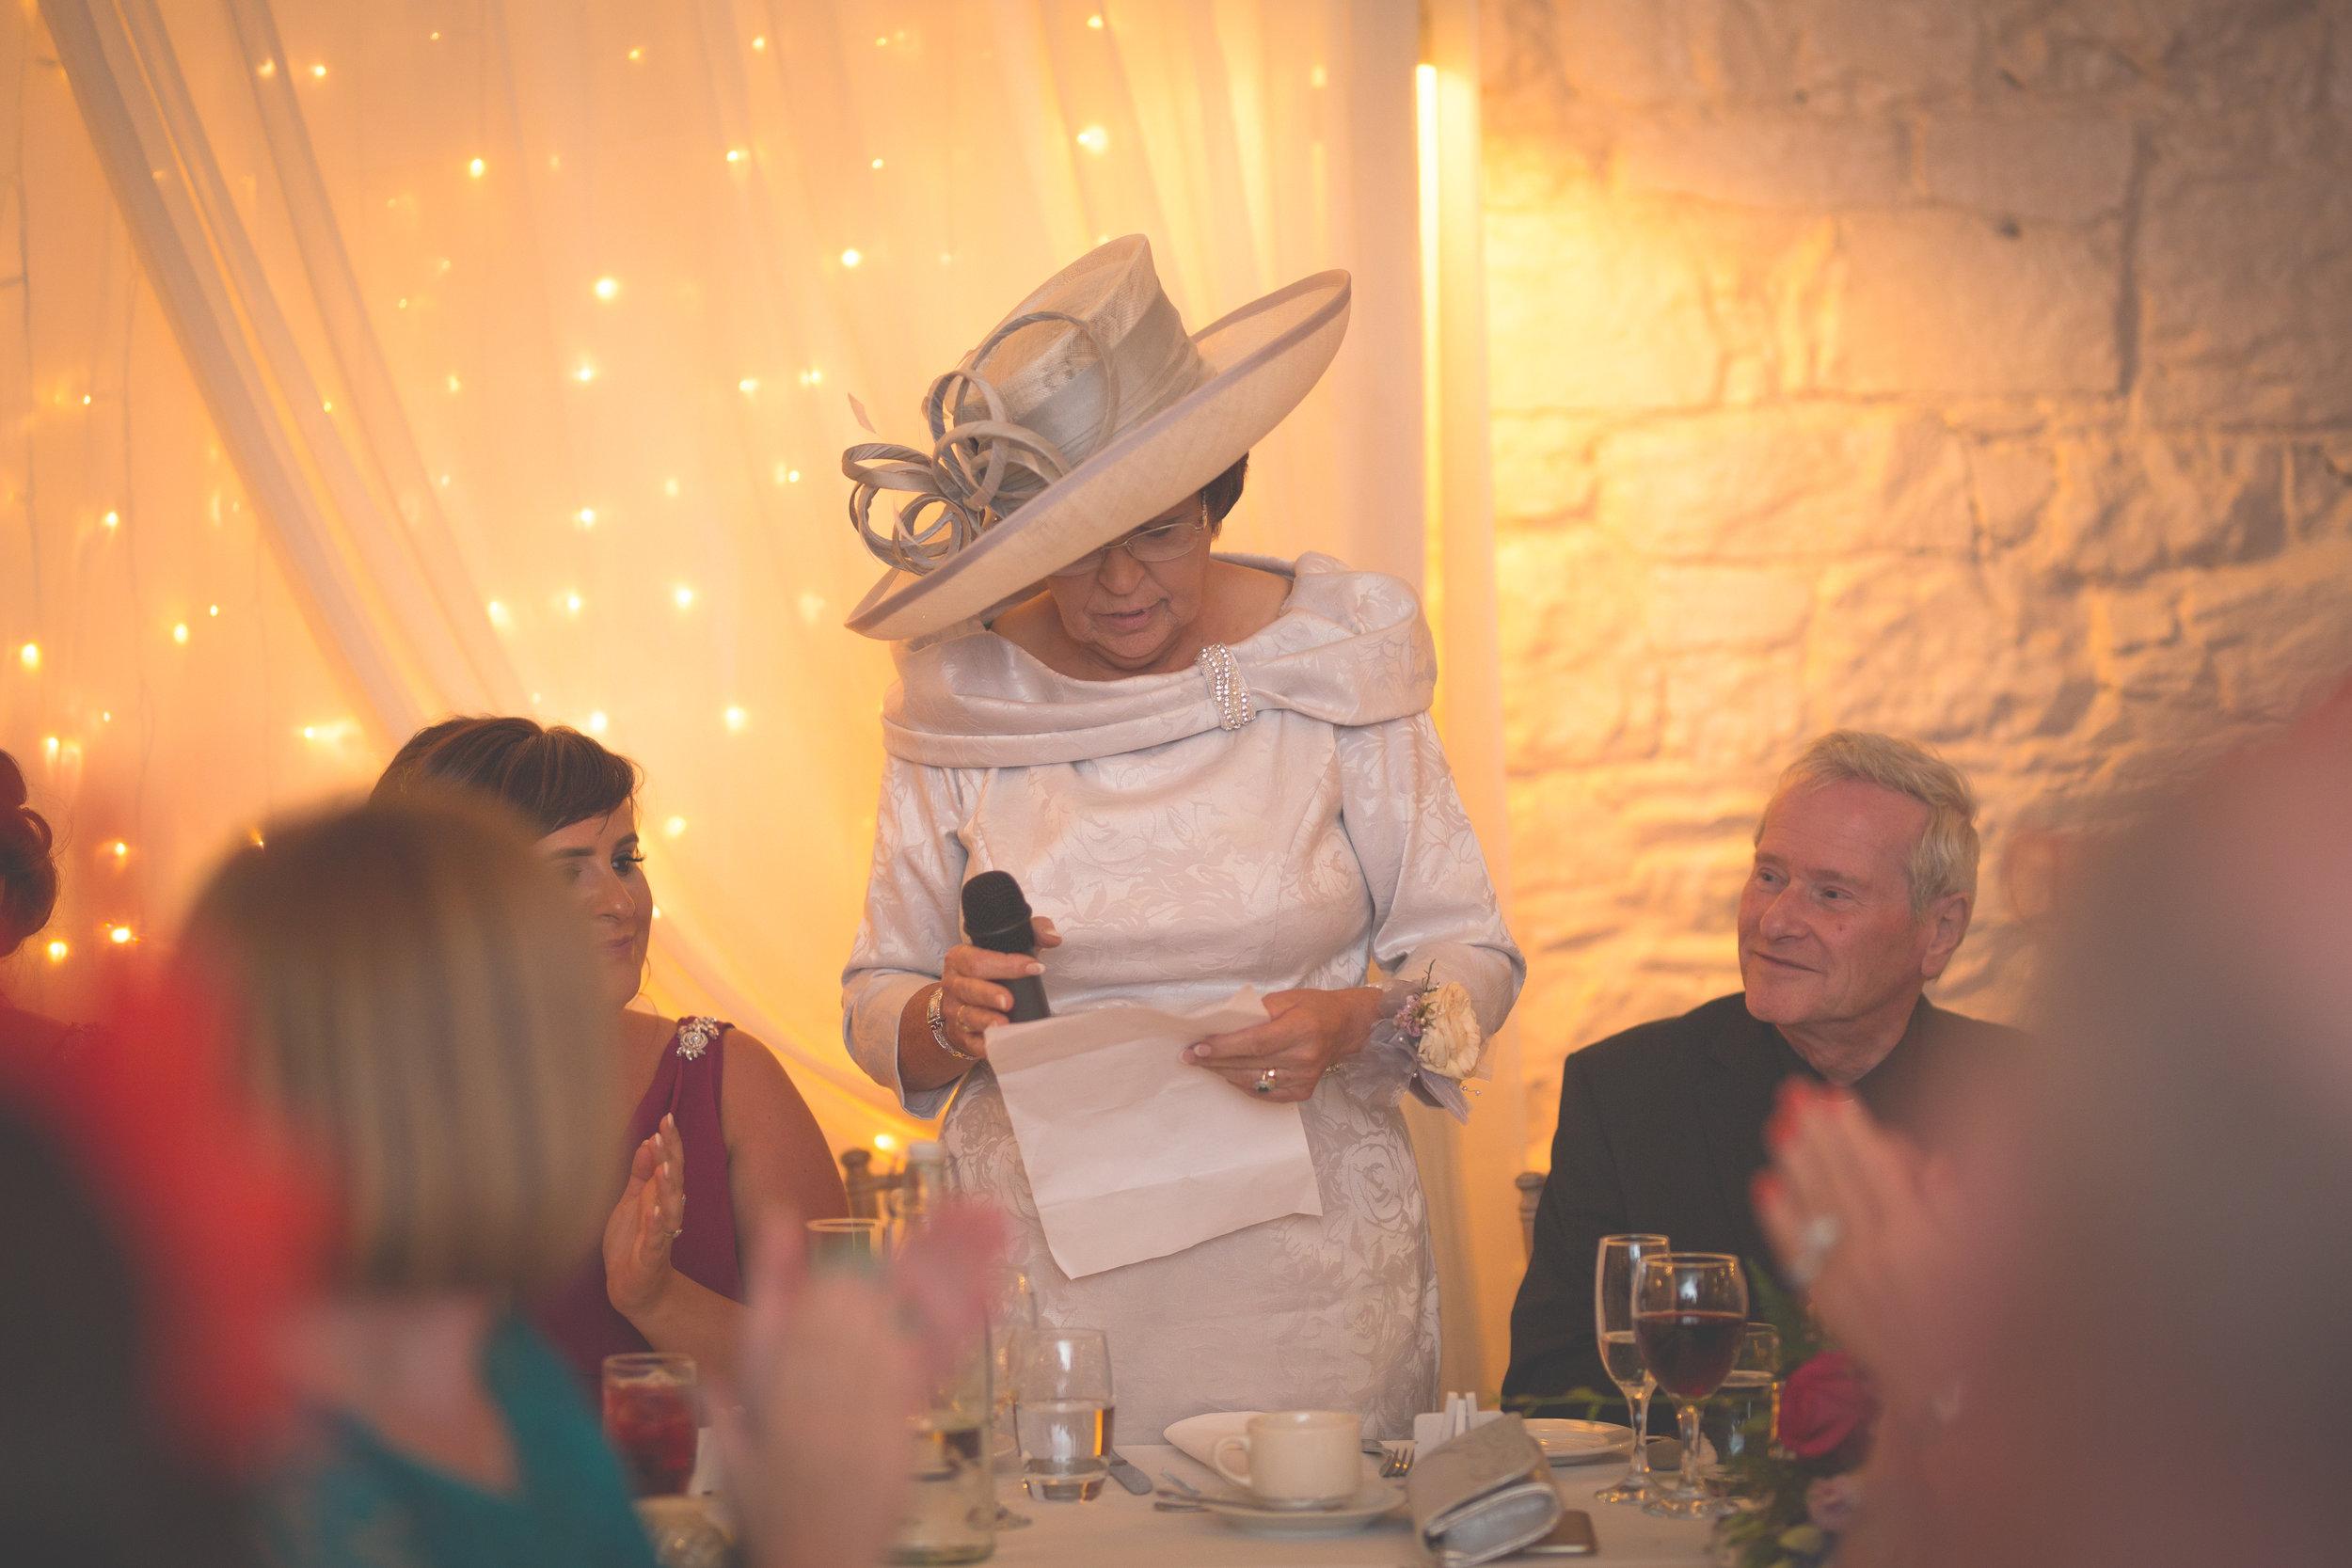 Brian McEwan Wedding Photography | Carol-Anne & Sean | The Speeches-54.jpg